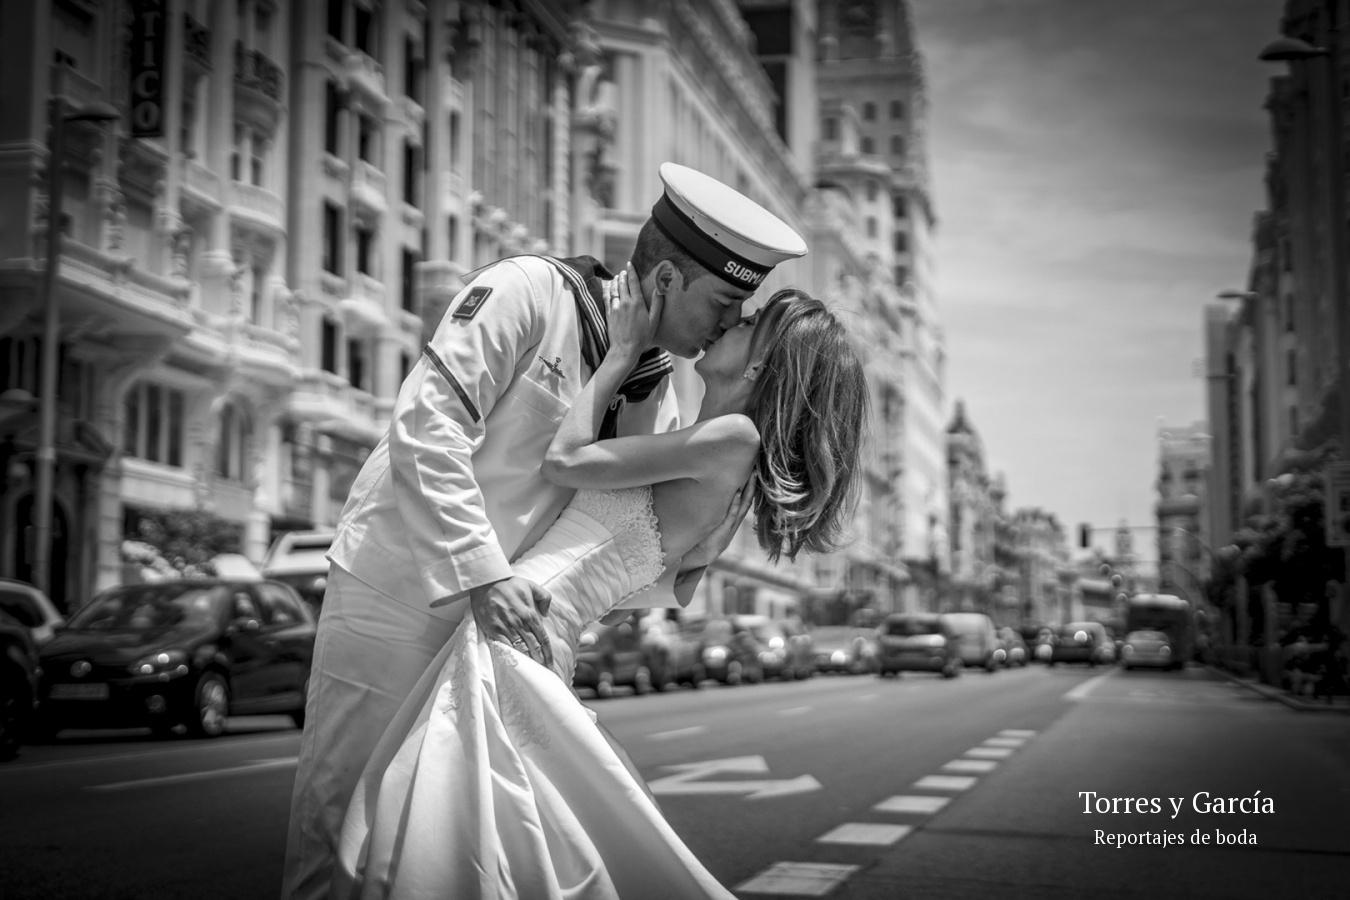 Beso de los novios en la Gran Vía de Madrid - Fotografías - Libros y reportajes de boda diferentes.